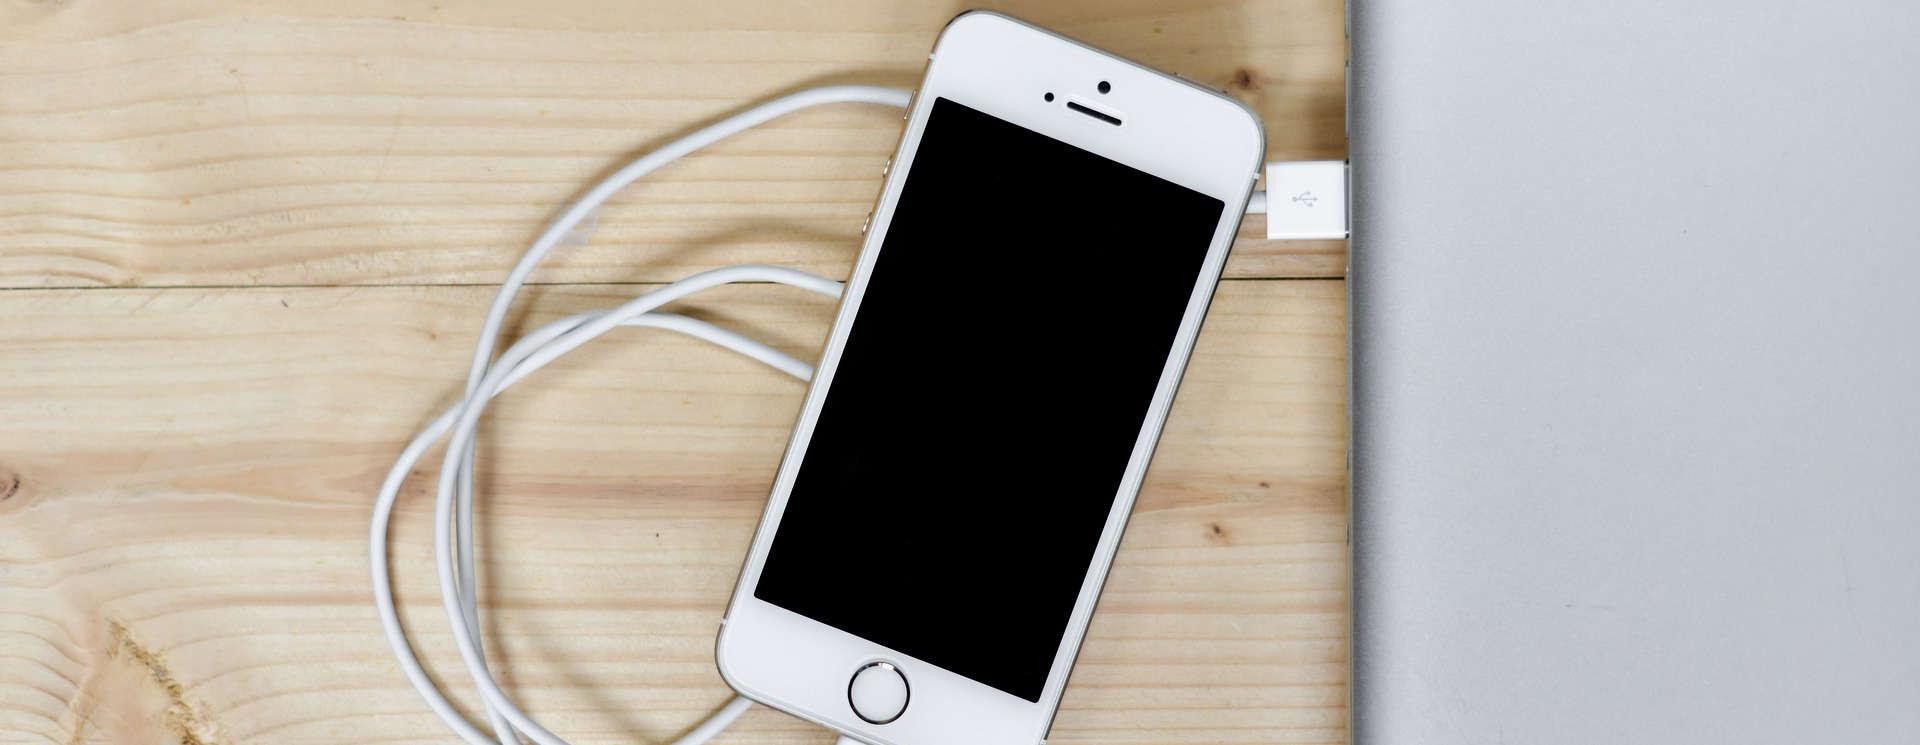 De spaarstand bestaat alleen op je telefoon als de batterij bijna leeg is.